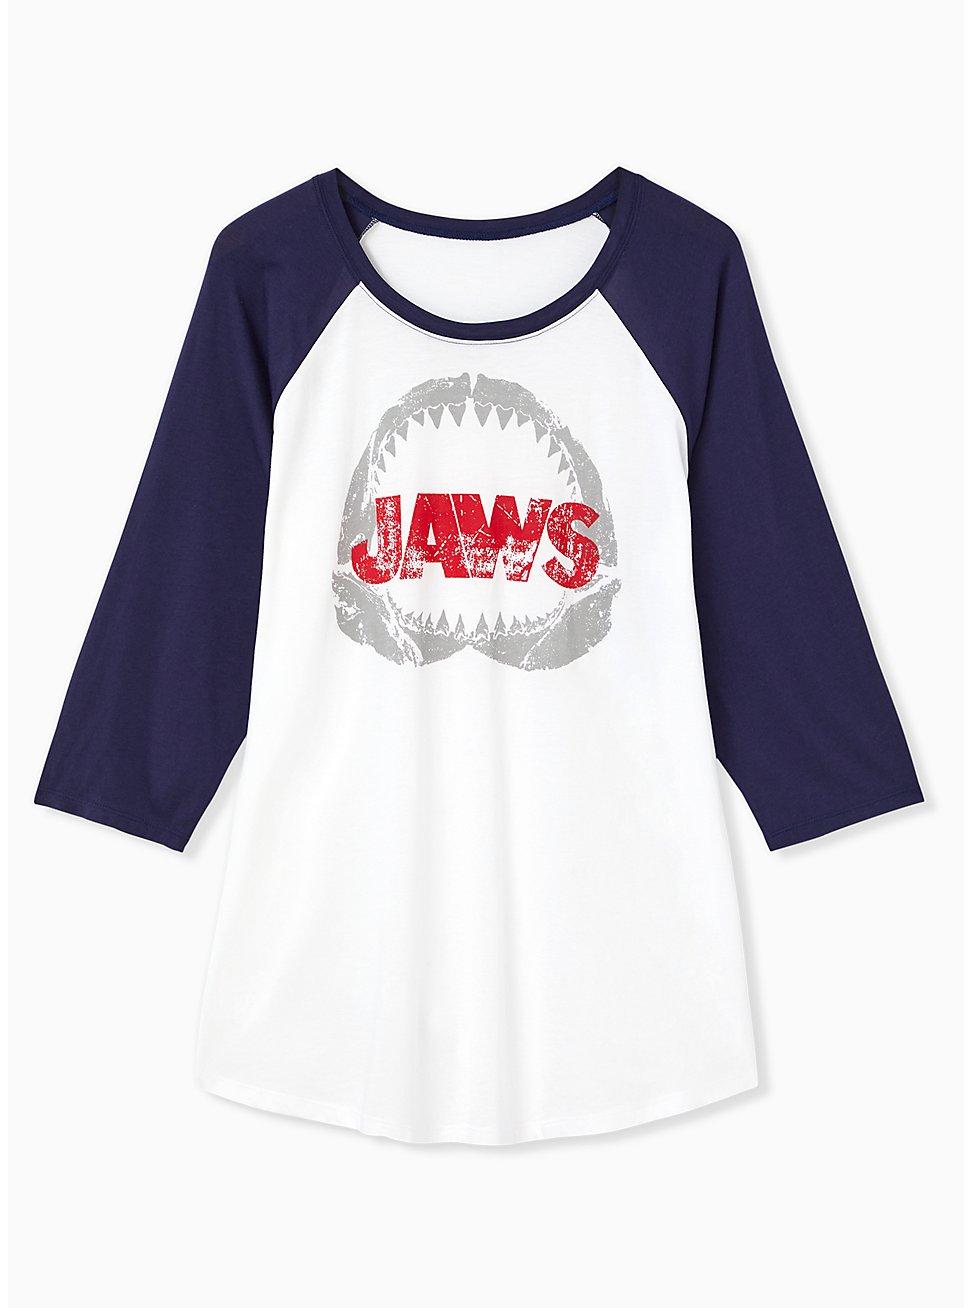 Jaws White & Navy Jersey Raglan Top, BRIGHT WHITE, hi-res